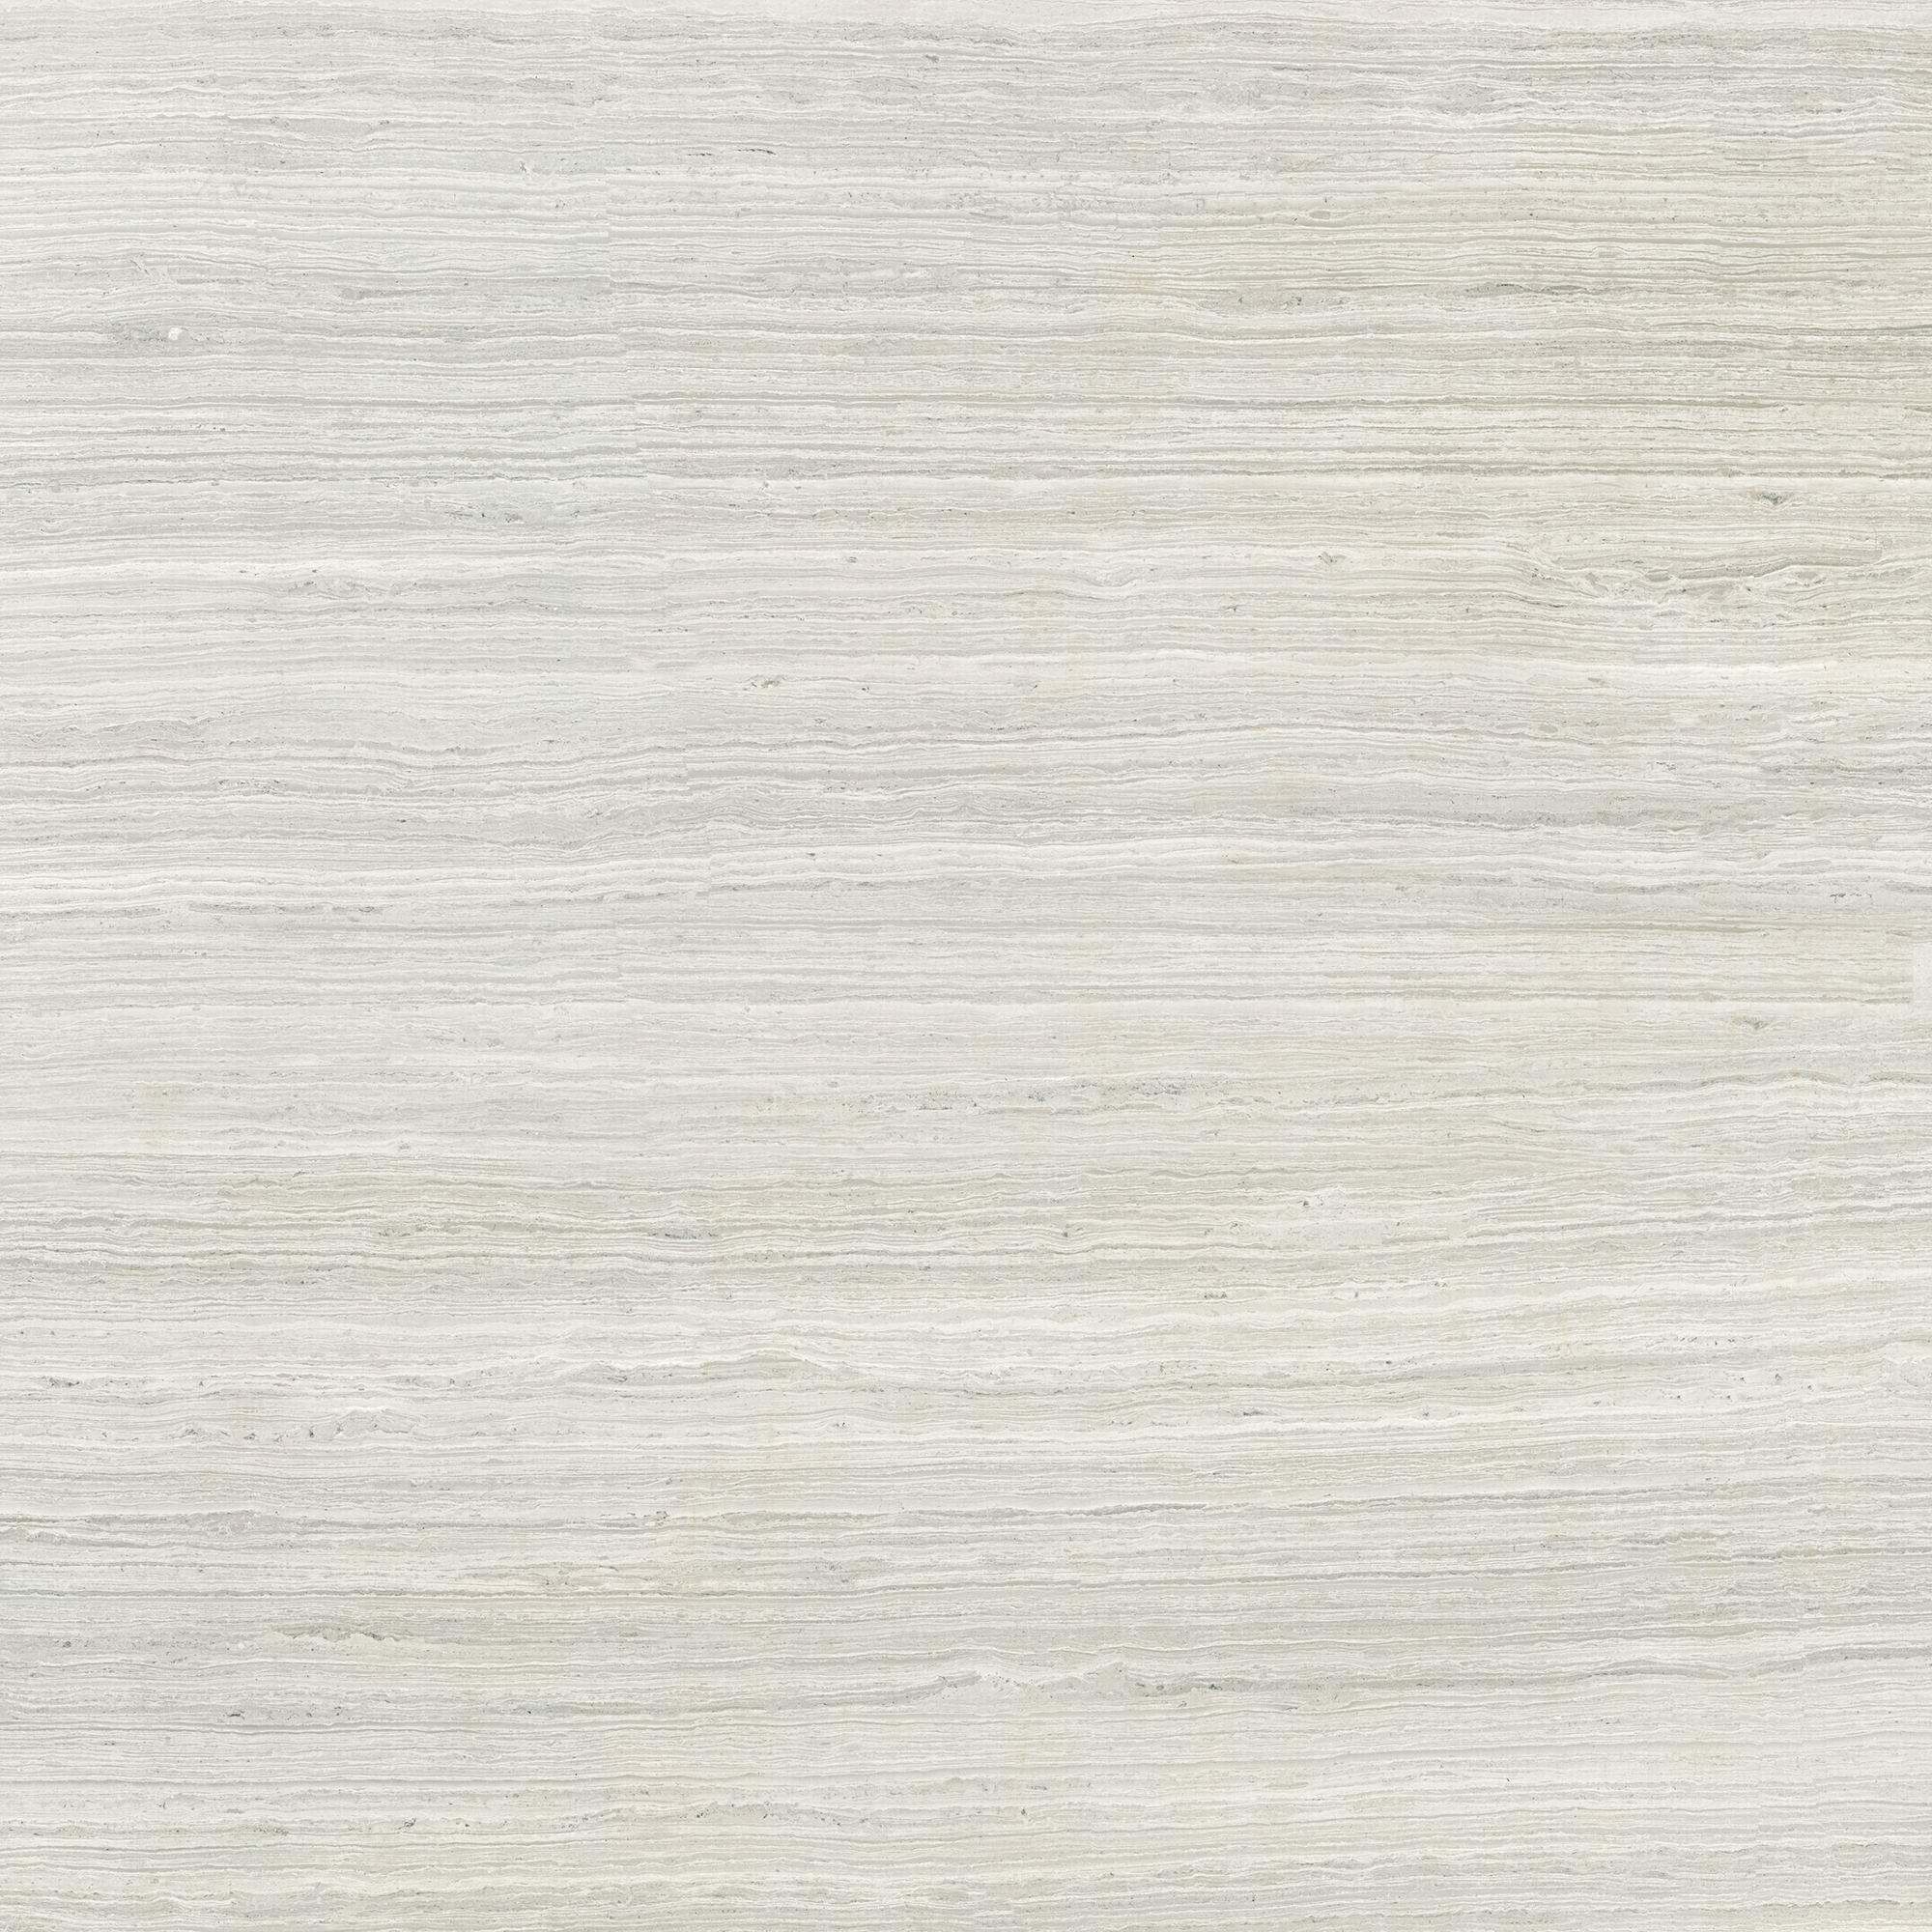 灰木纹大理石图片-浅啡网纹大理石图片,灰木纹大理石效果图,古堡灰